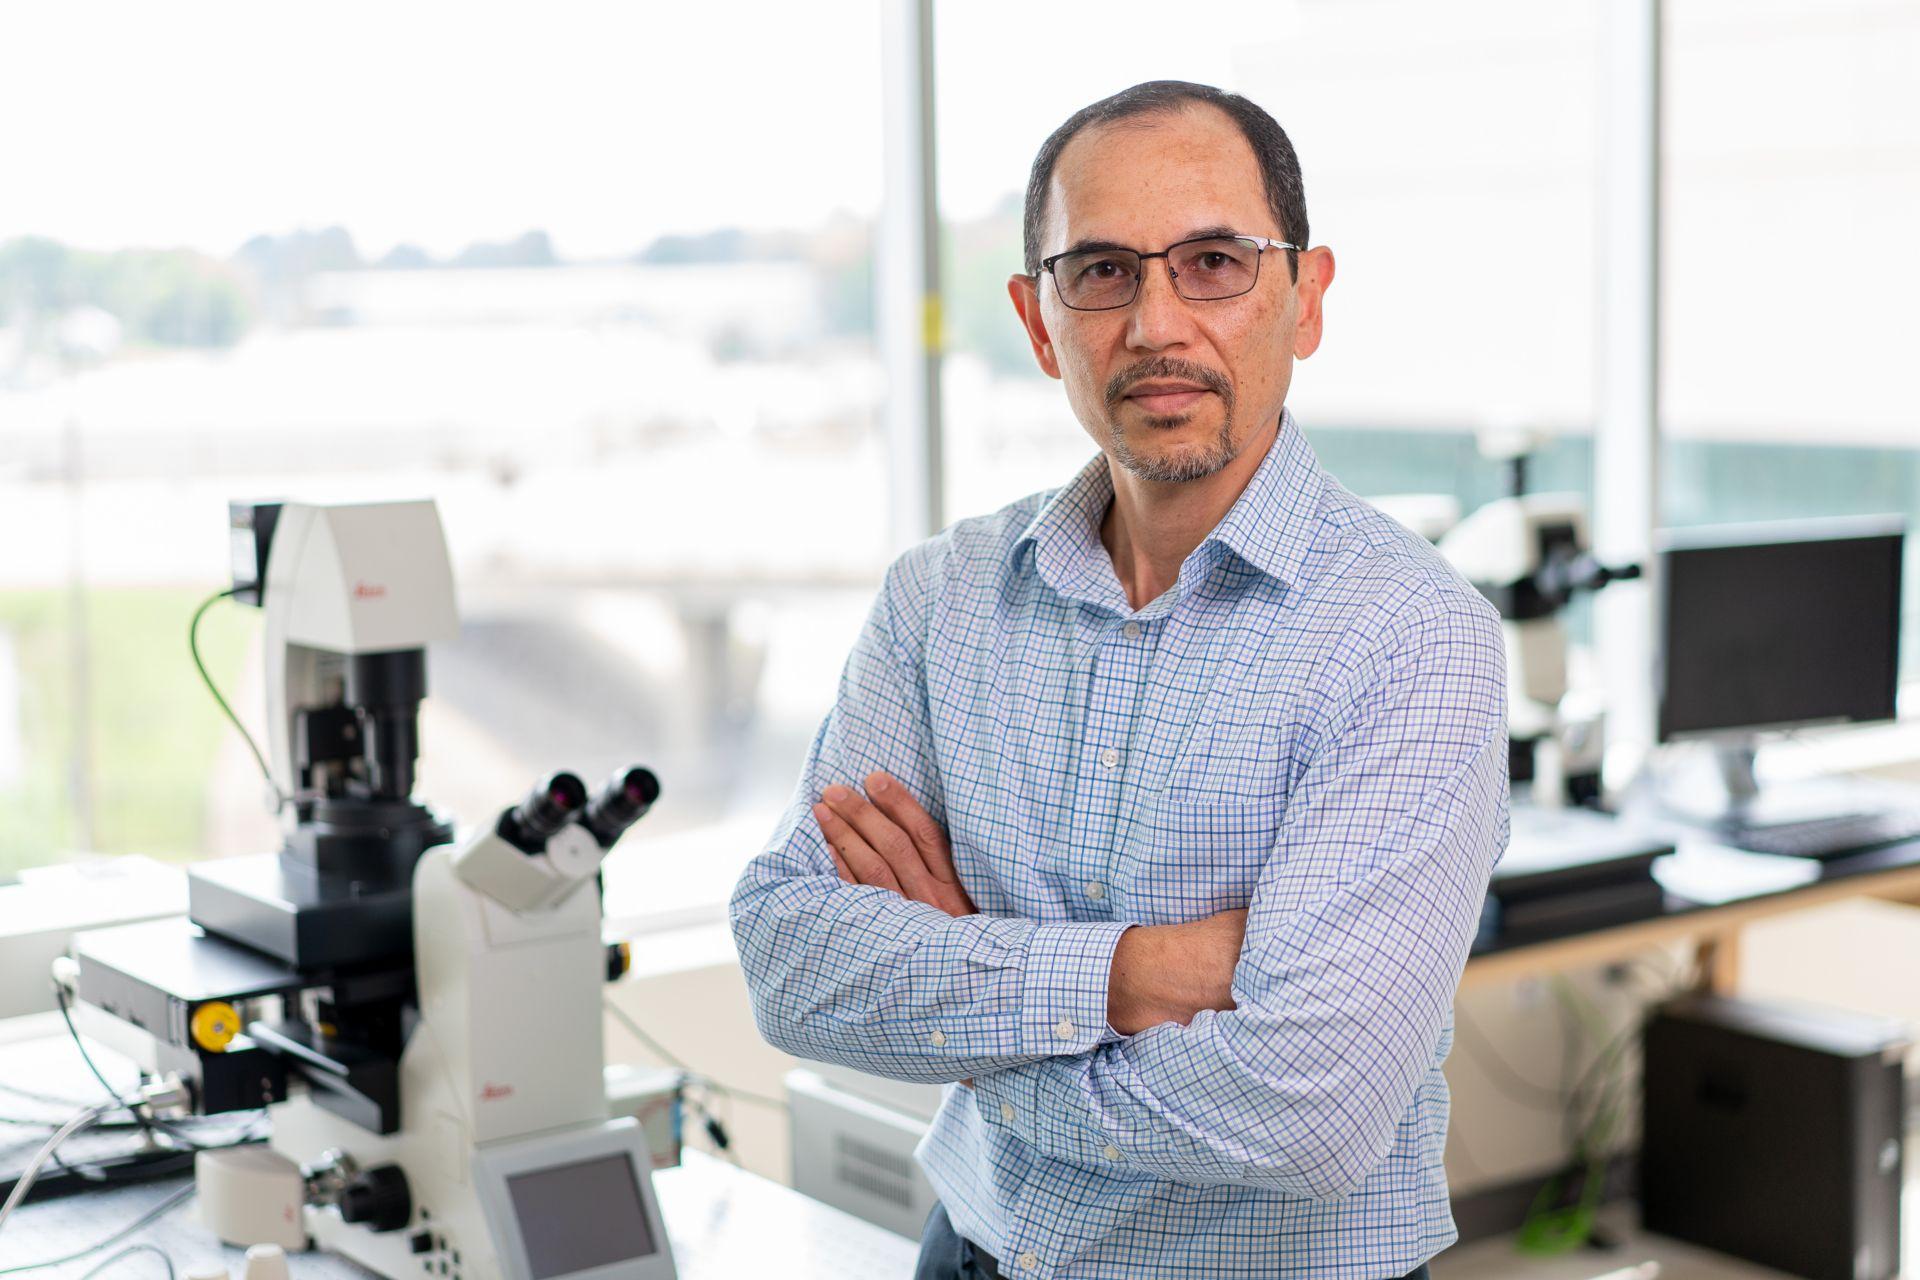 Jama Temirov, PhD